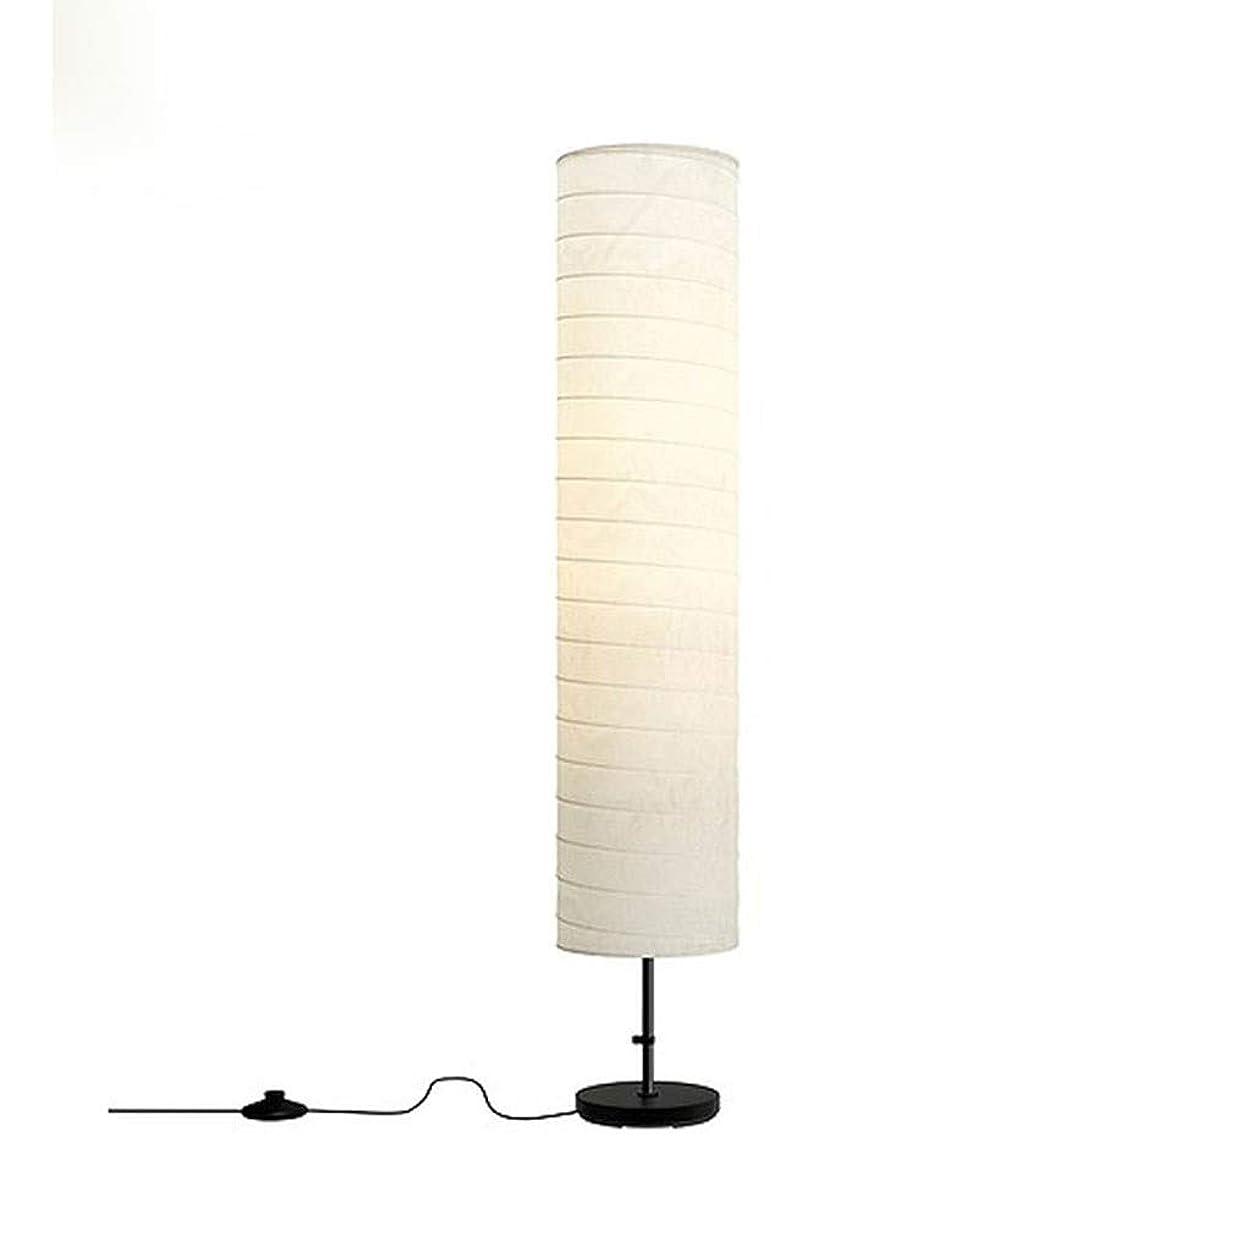 散らす妻レベルフロアスタンド LEDフロアランプ、フロアランプソフトスムーズなリラックスリビングルーム/寝室立ちライト、垂直フロアランプ、金属、46インチ、白H116cm ホーム屋内照明フロアスタンド?ランプ (Color : White, サイズ : 8.7*45.7inchs)